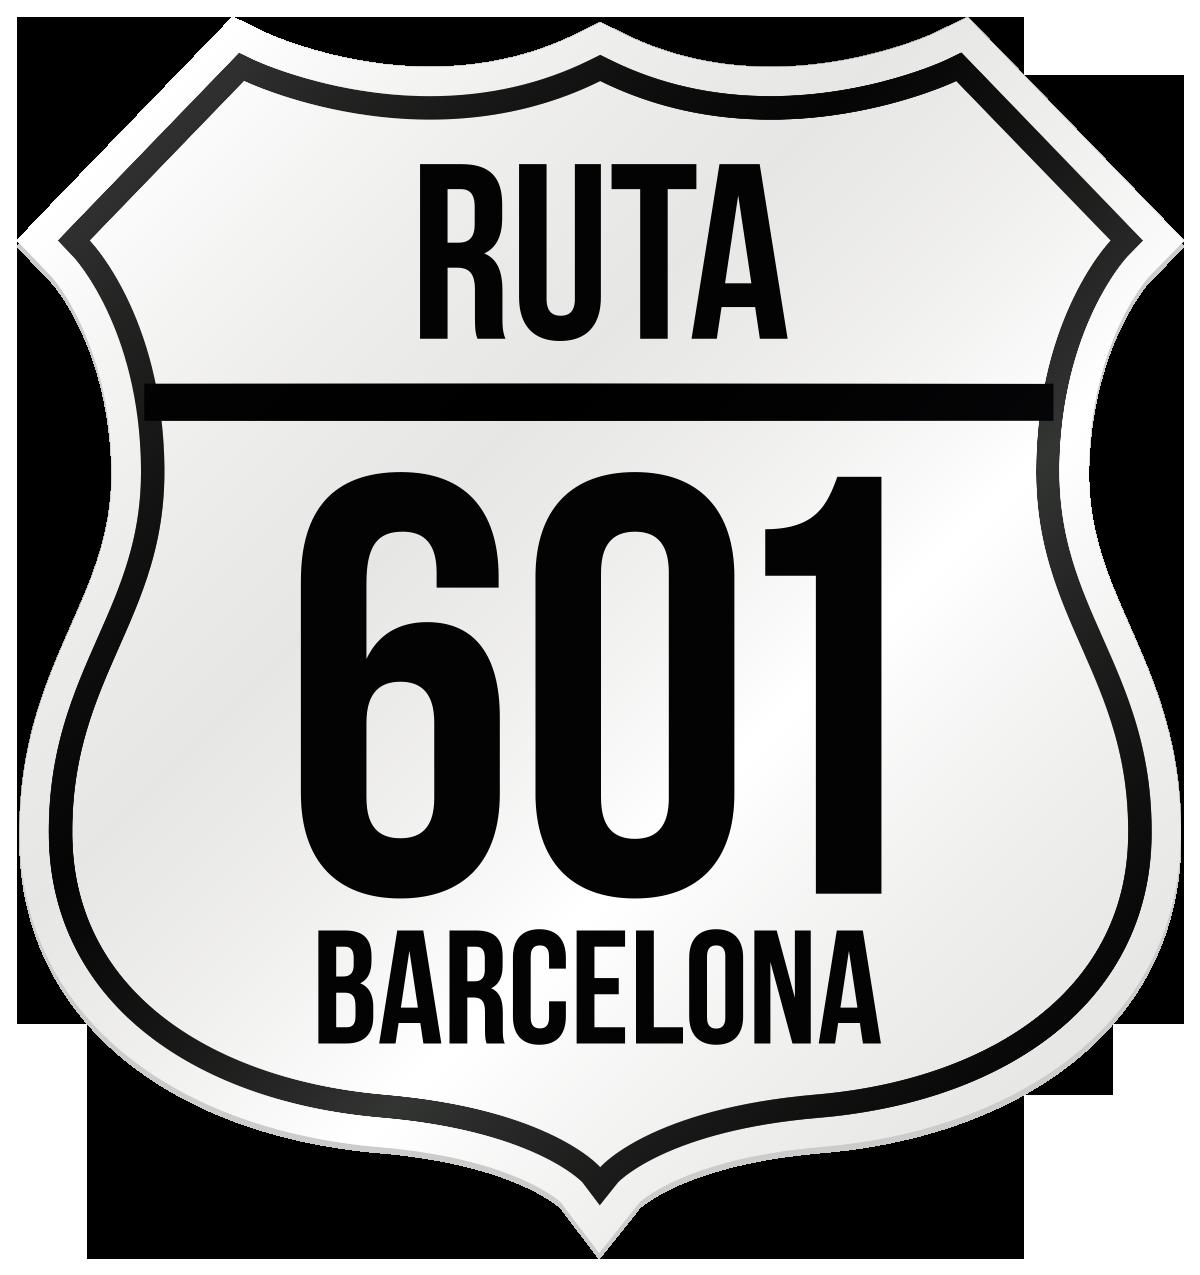 Ruta 601 Barcelona [RBK] @ Ace Cafe Barcelona | L'Hospitalet de Llobregat | Catalunya | España